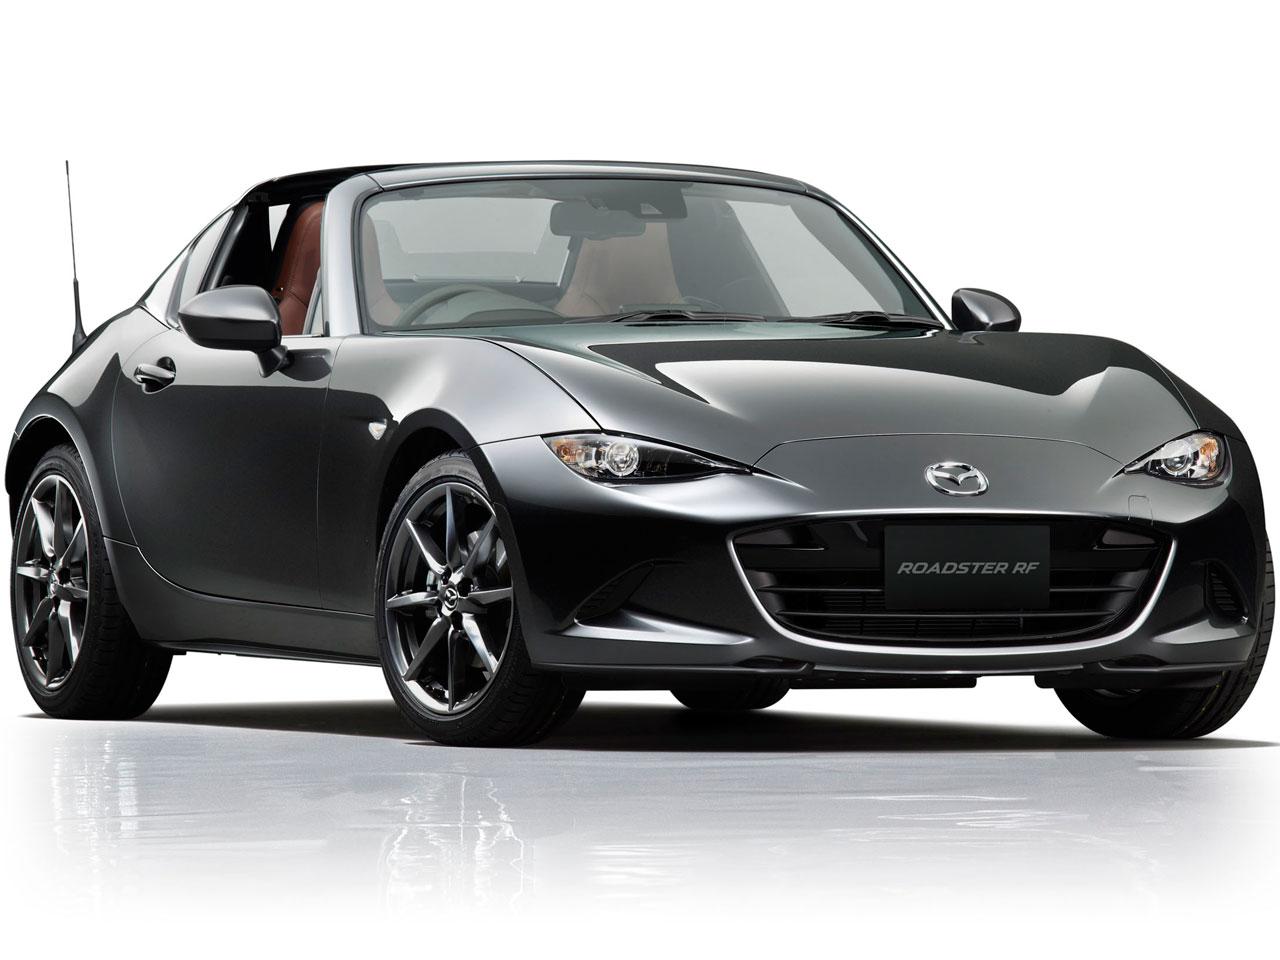 マツダ ロードスター RF 2016年モデル 新車画像